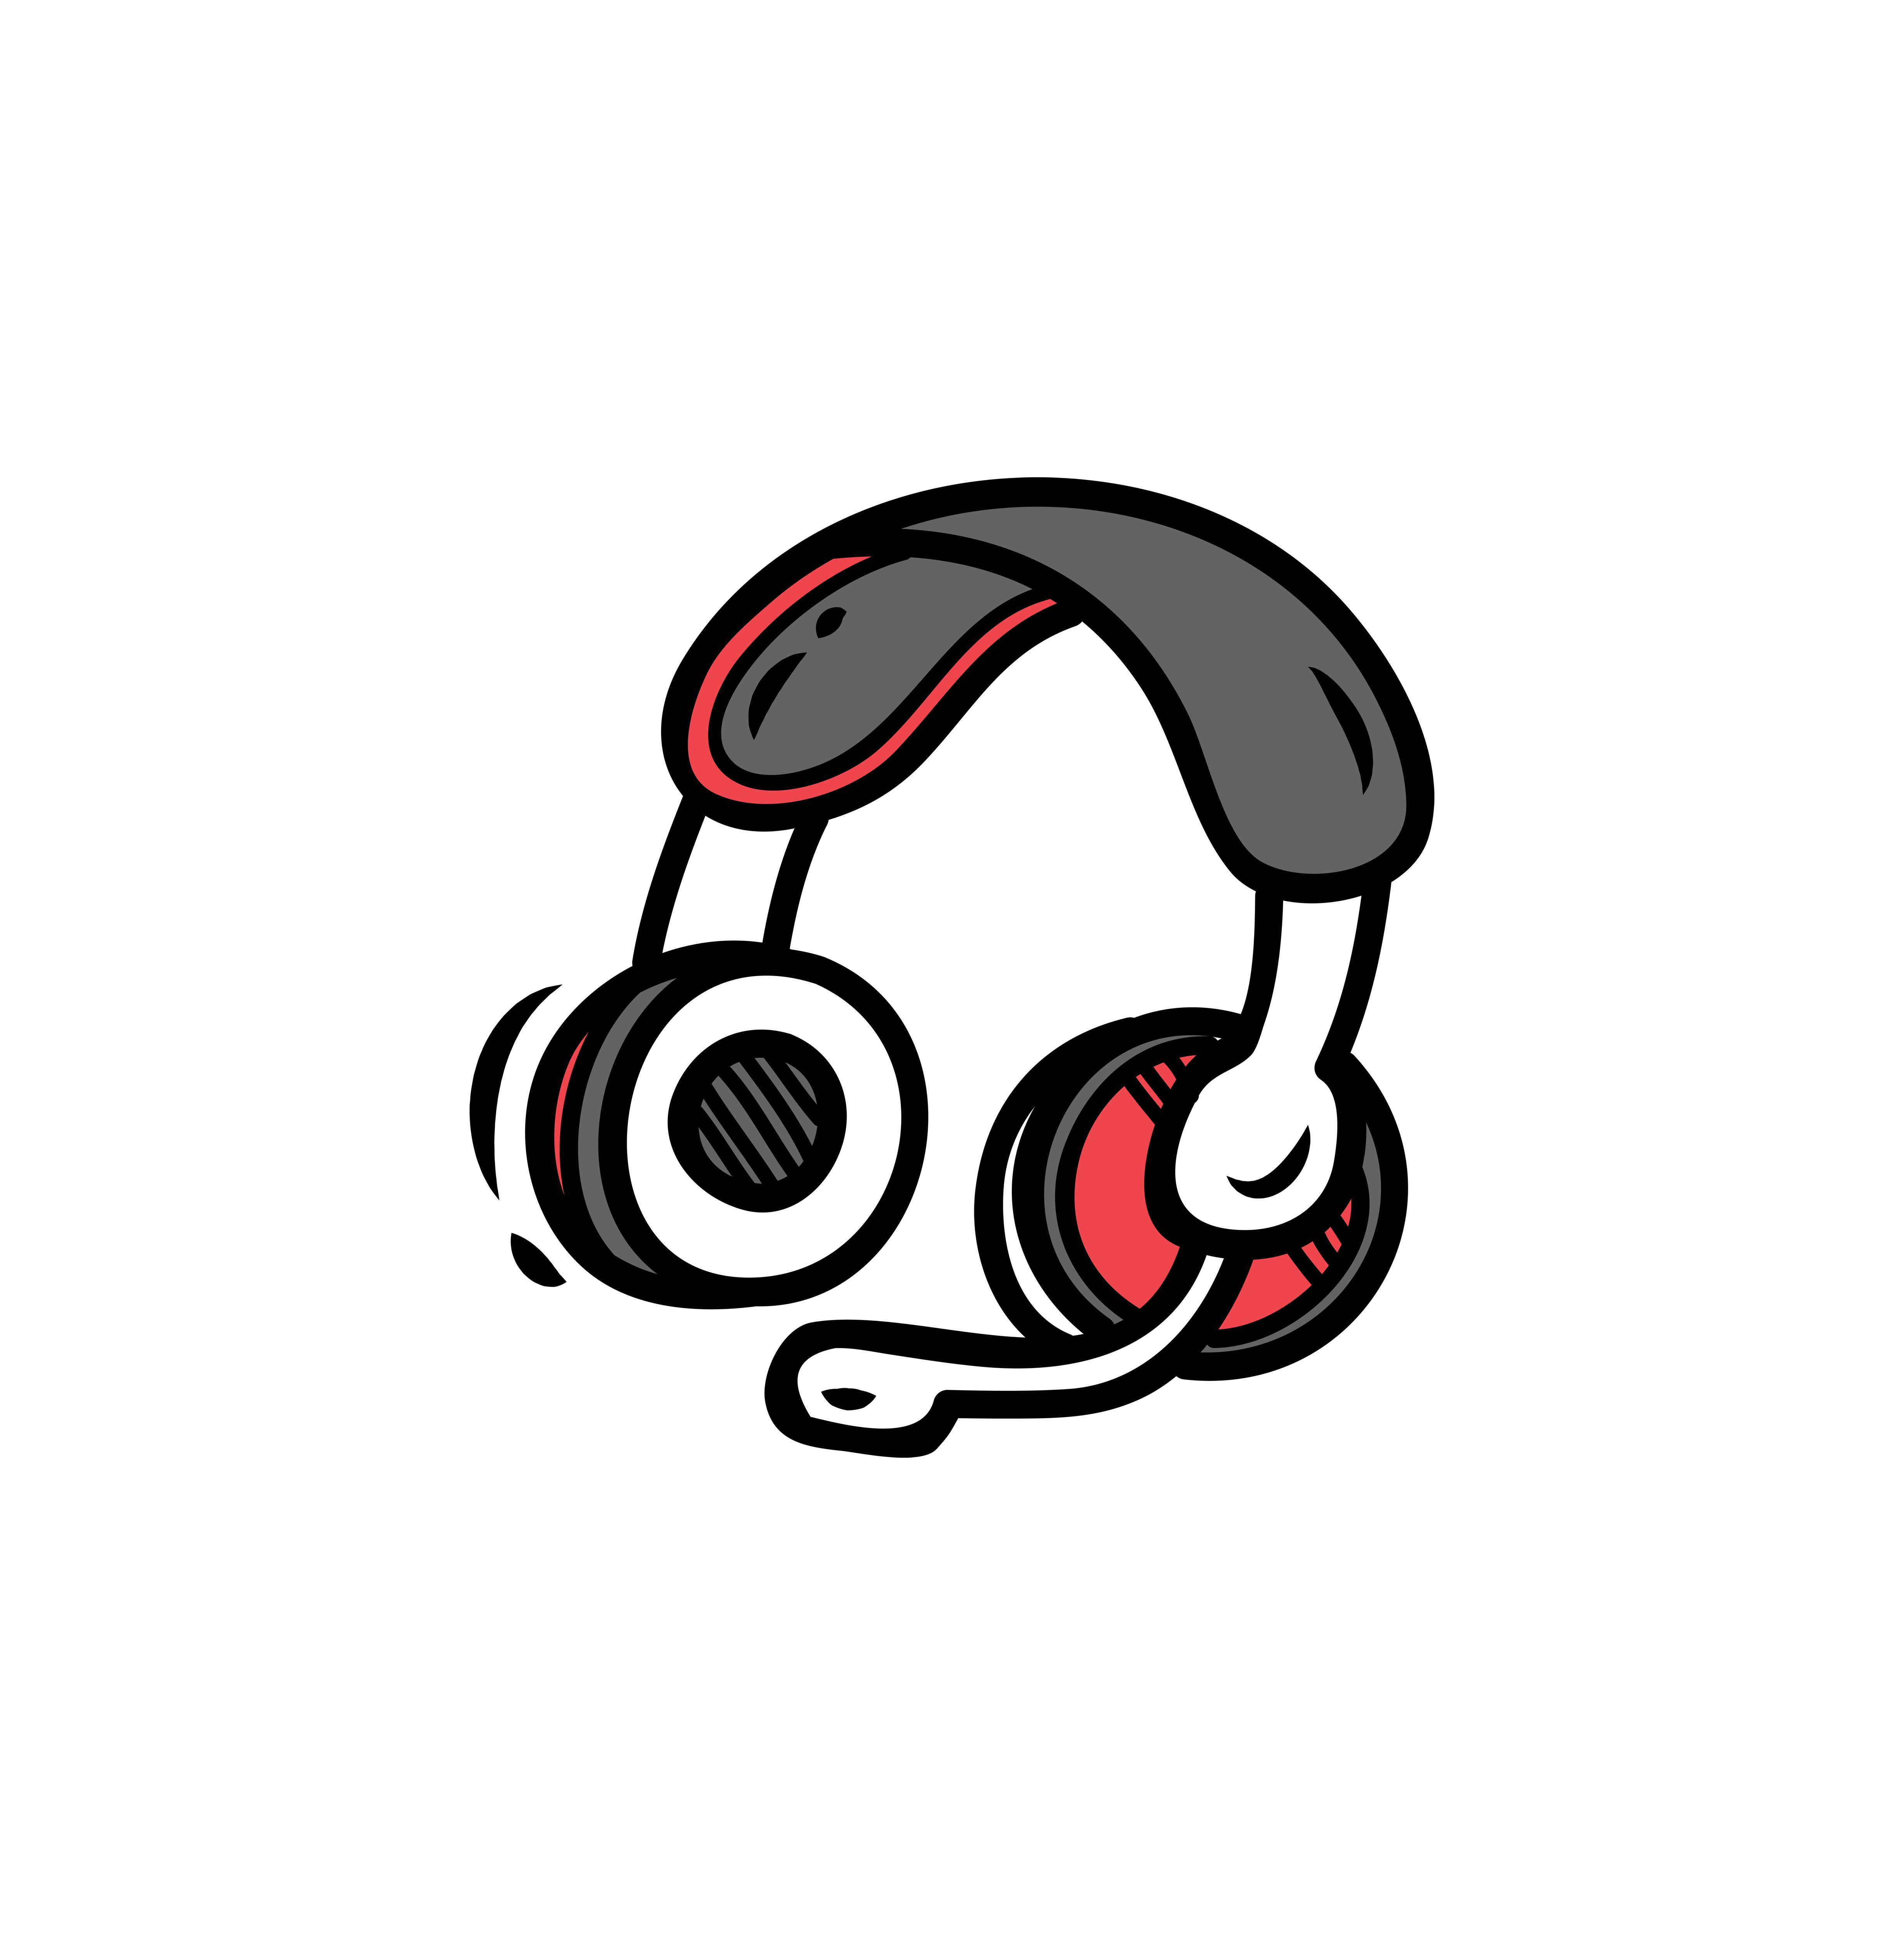 Støjreducerende headset gavner medarbejdere i storrumskontorer